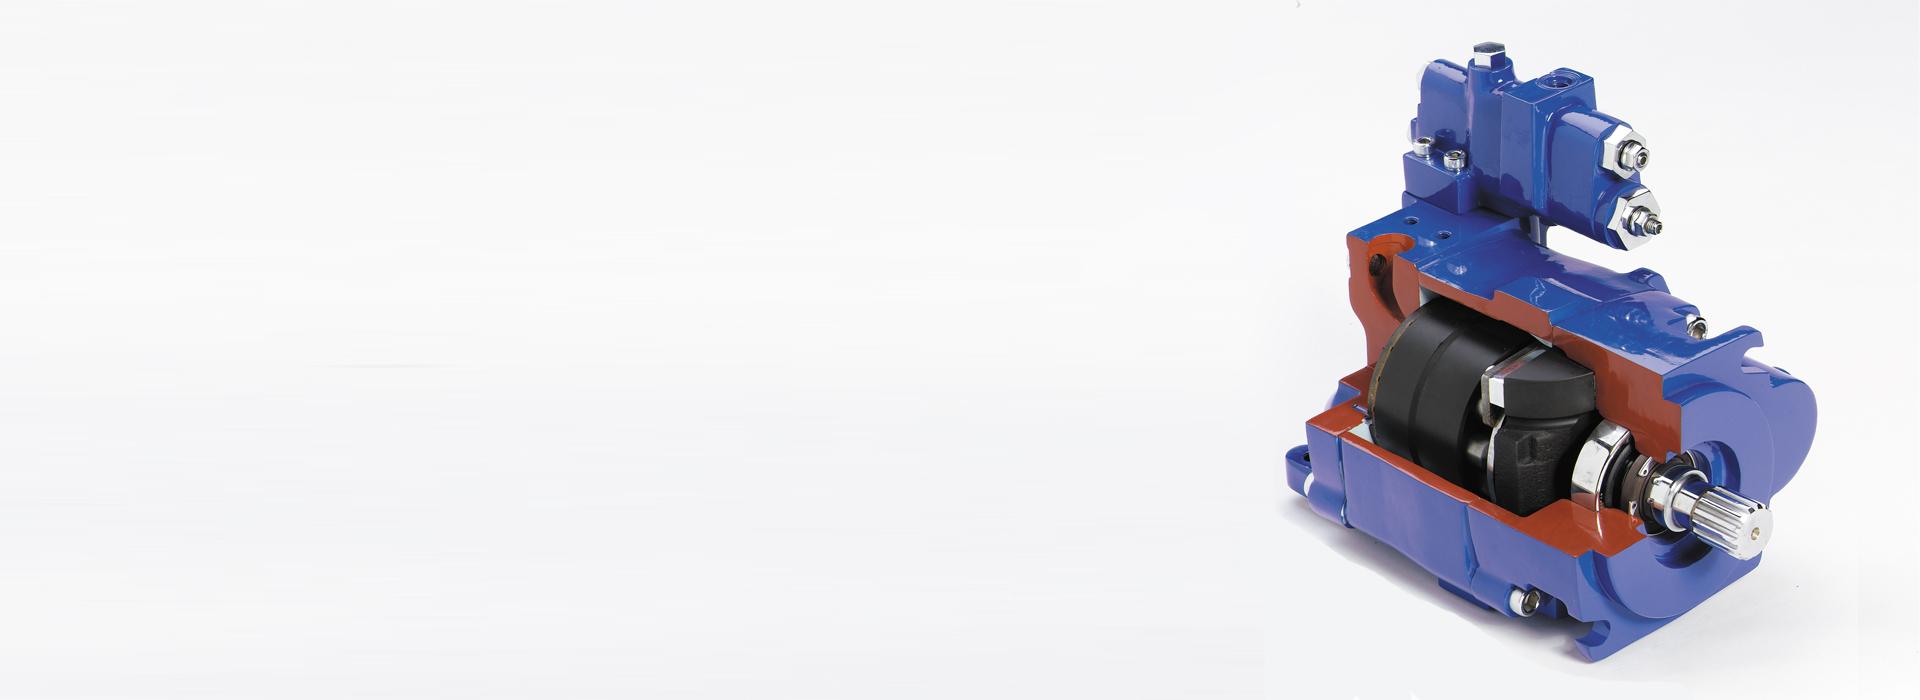 Pompy tłokowe EATON-Vickers - szeroki wybór